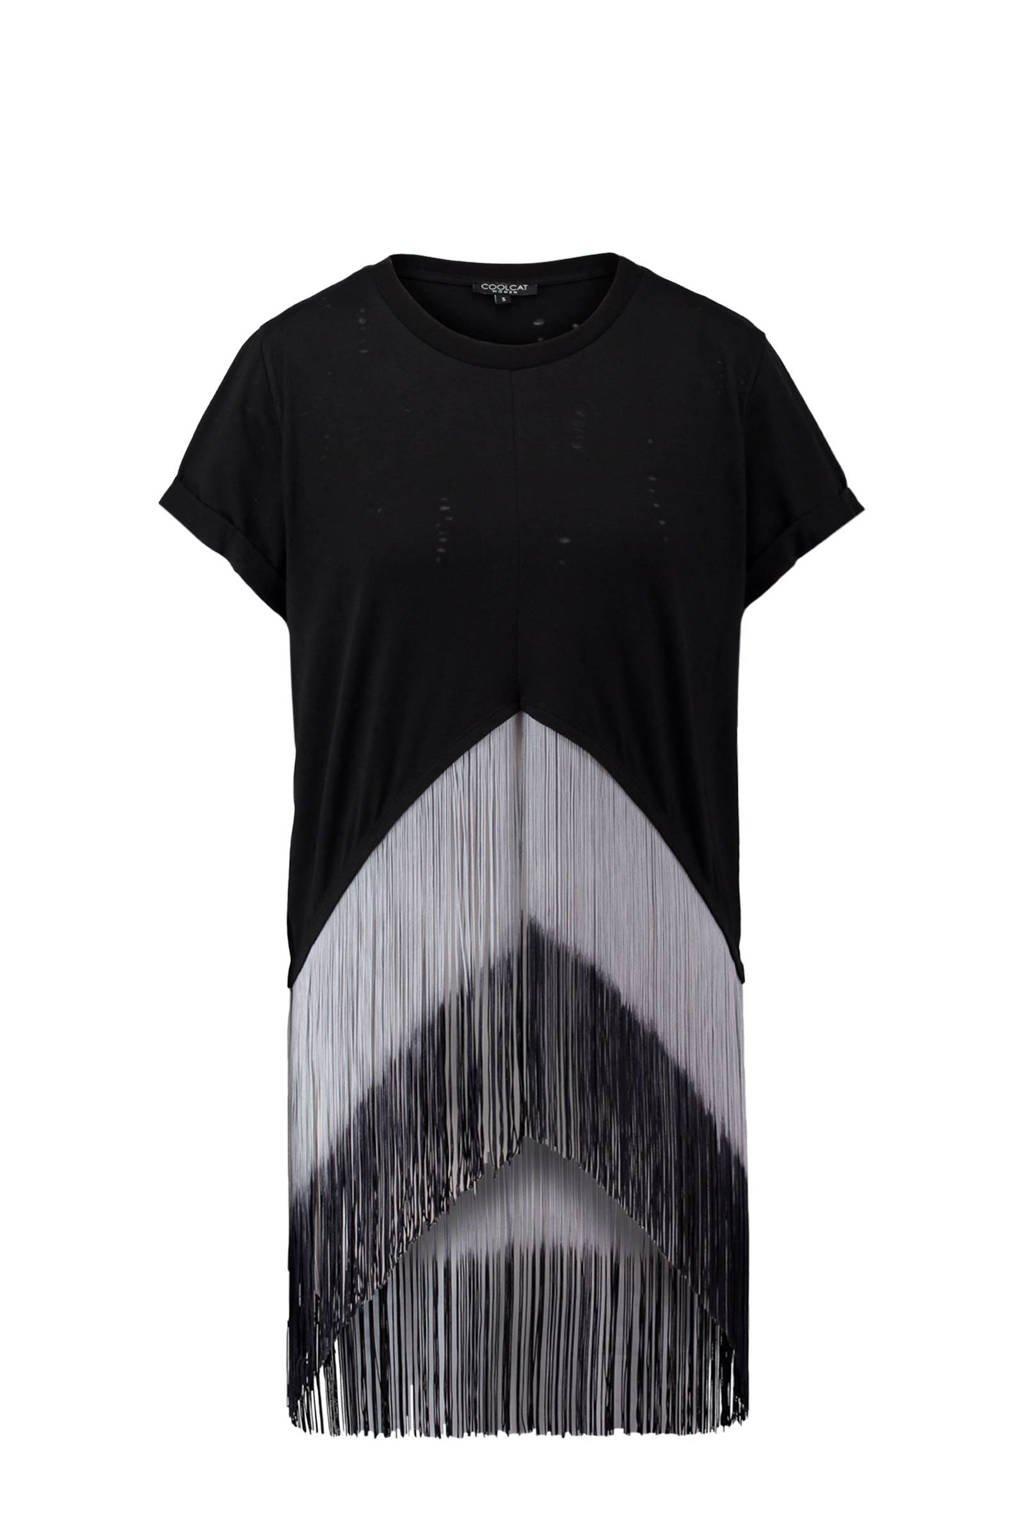 CoolCat top zwart, Zwart/wit